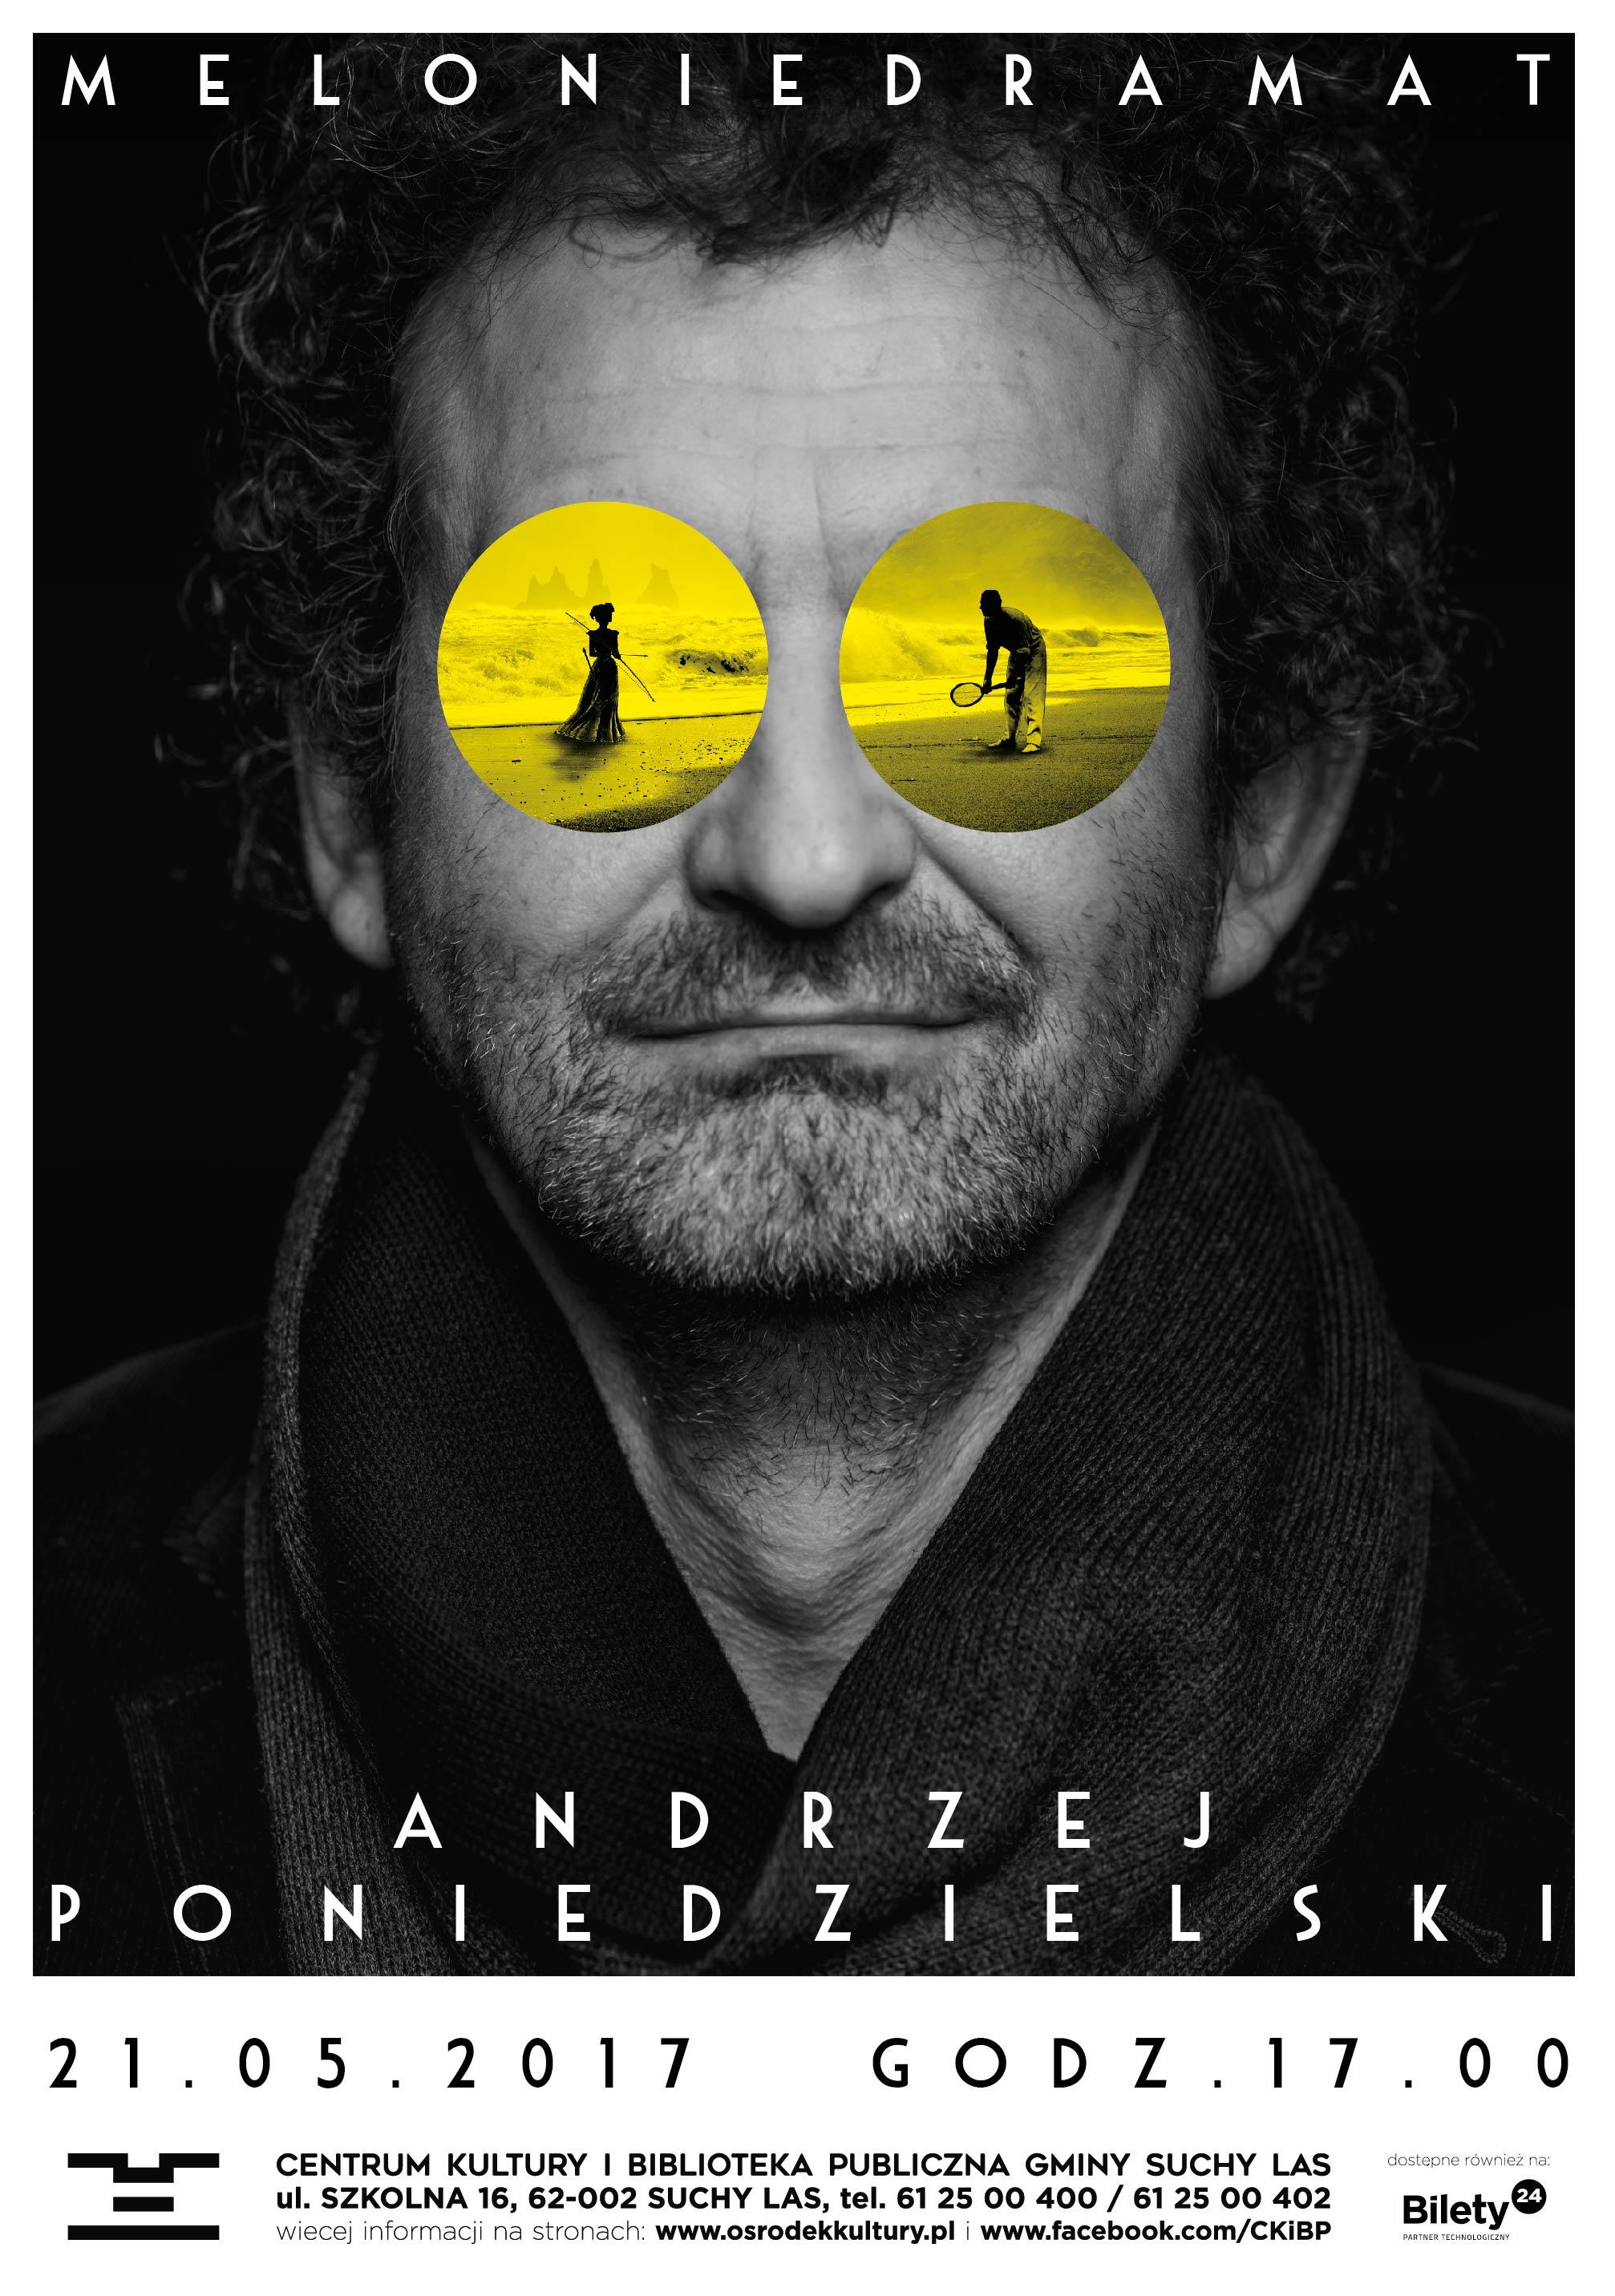 Andrzej Poniedzielski